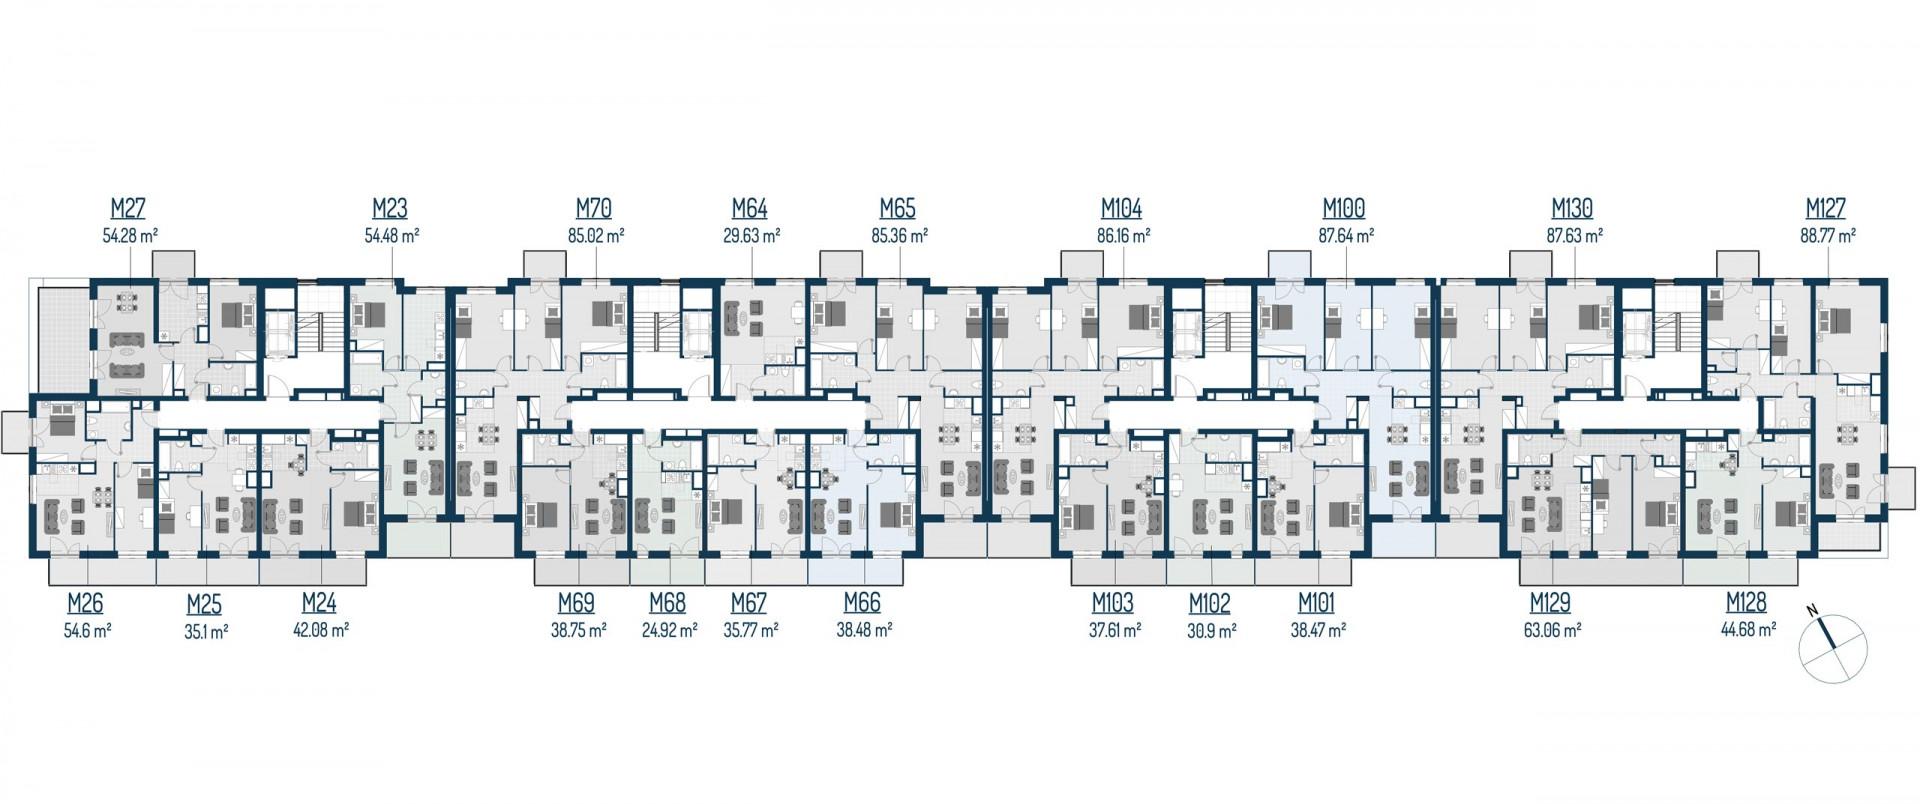 Zdrowe Stylove / budynek 2 / mieszkanie nr 128 rzut 2